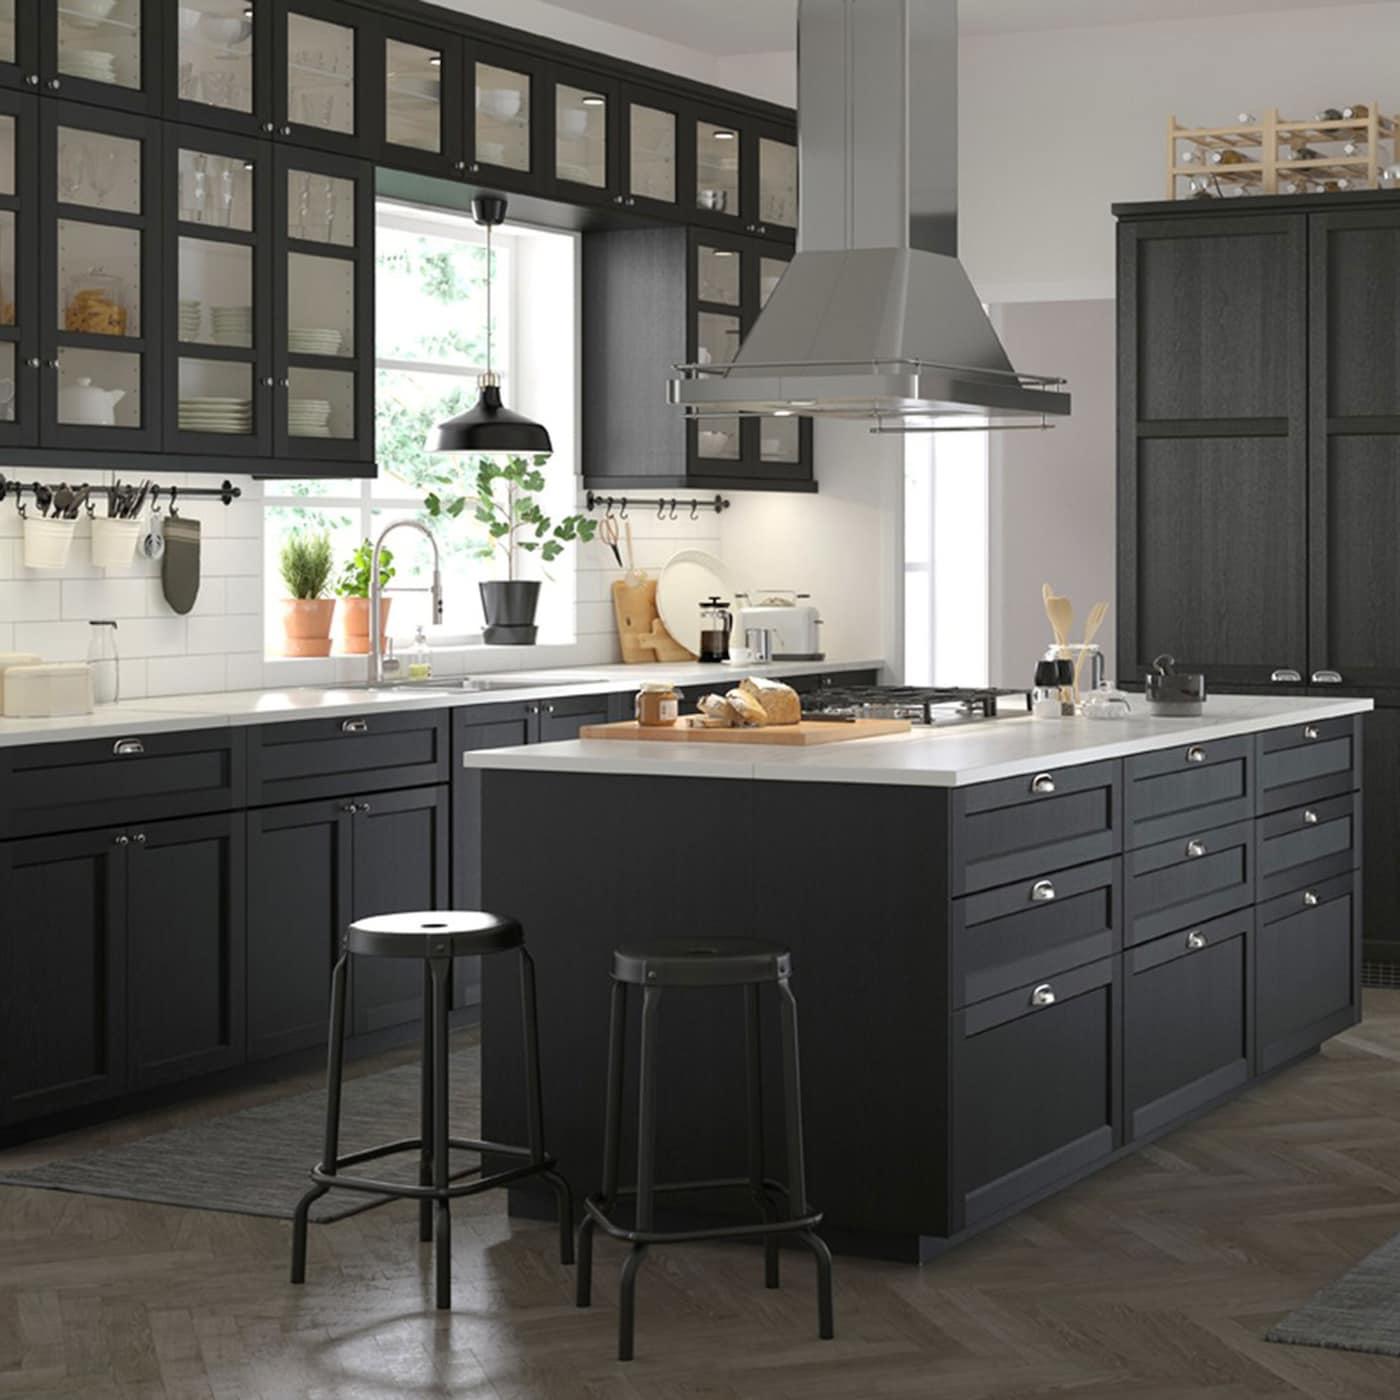 Cucina di grandezza media in nero e bianco, dallo stile tradizionale, con ante LERHYTTAN trattate con mordente nero – IKEA